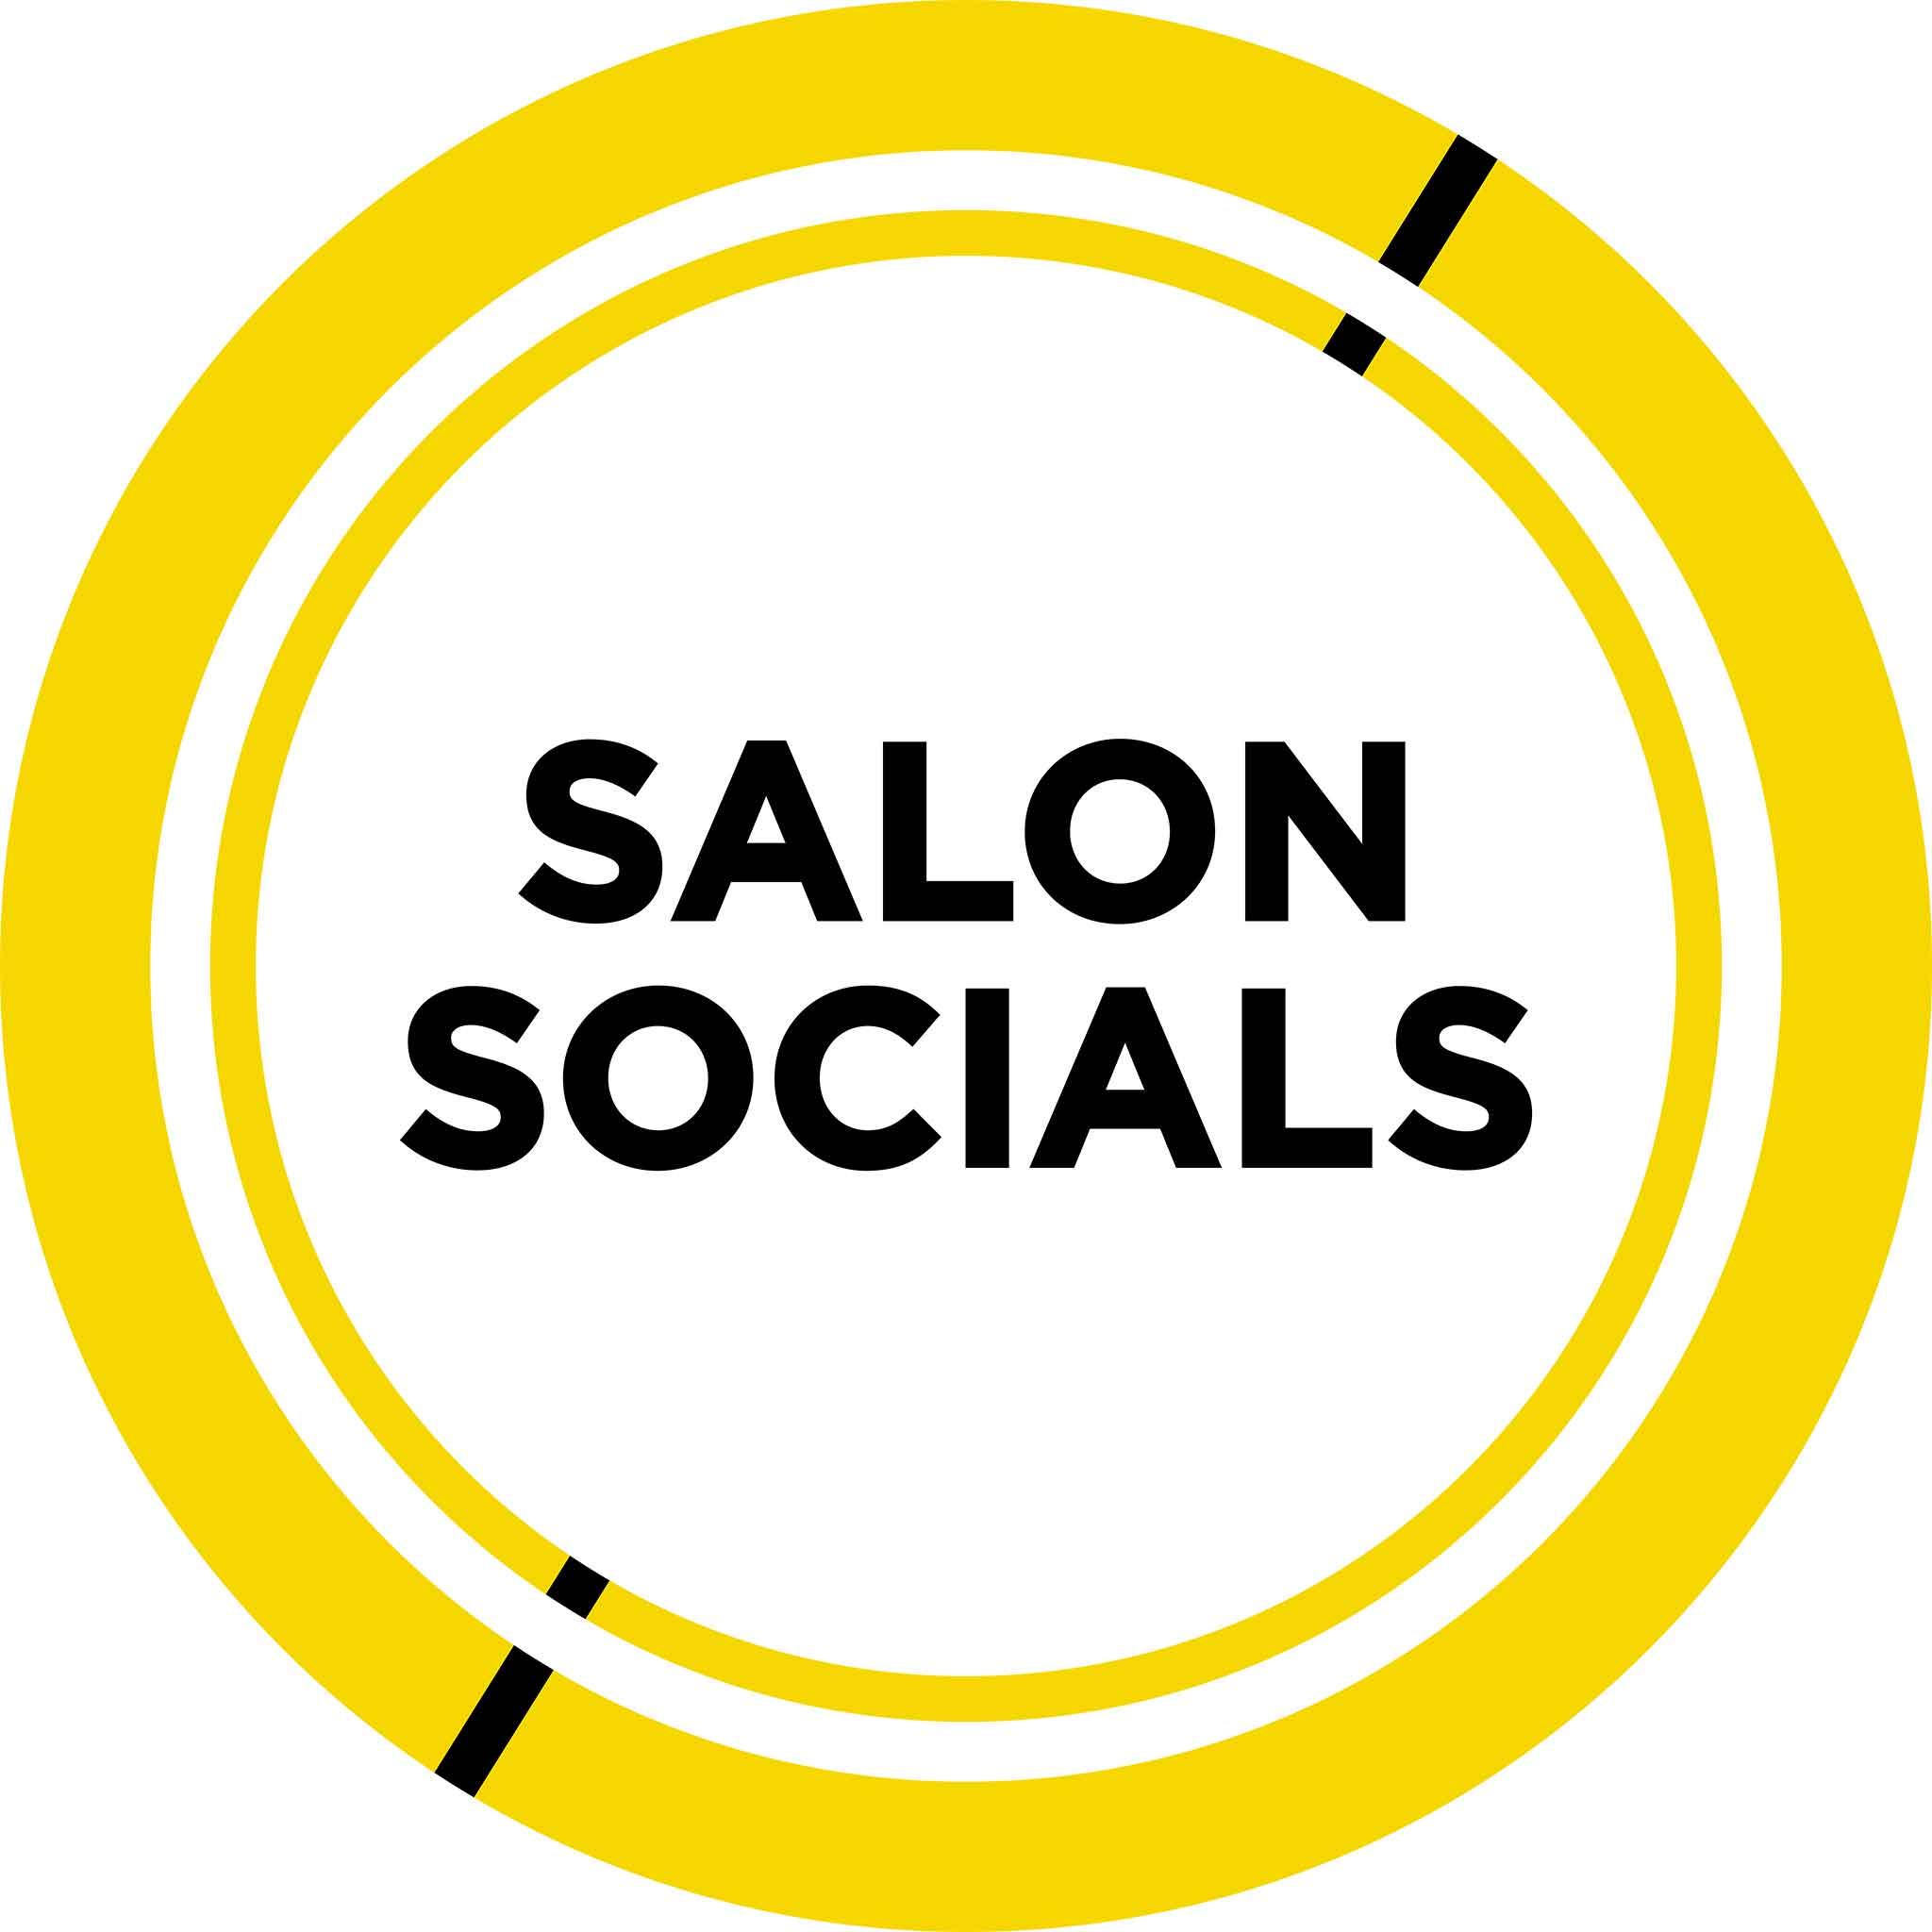 salon-socials-logo-1